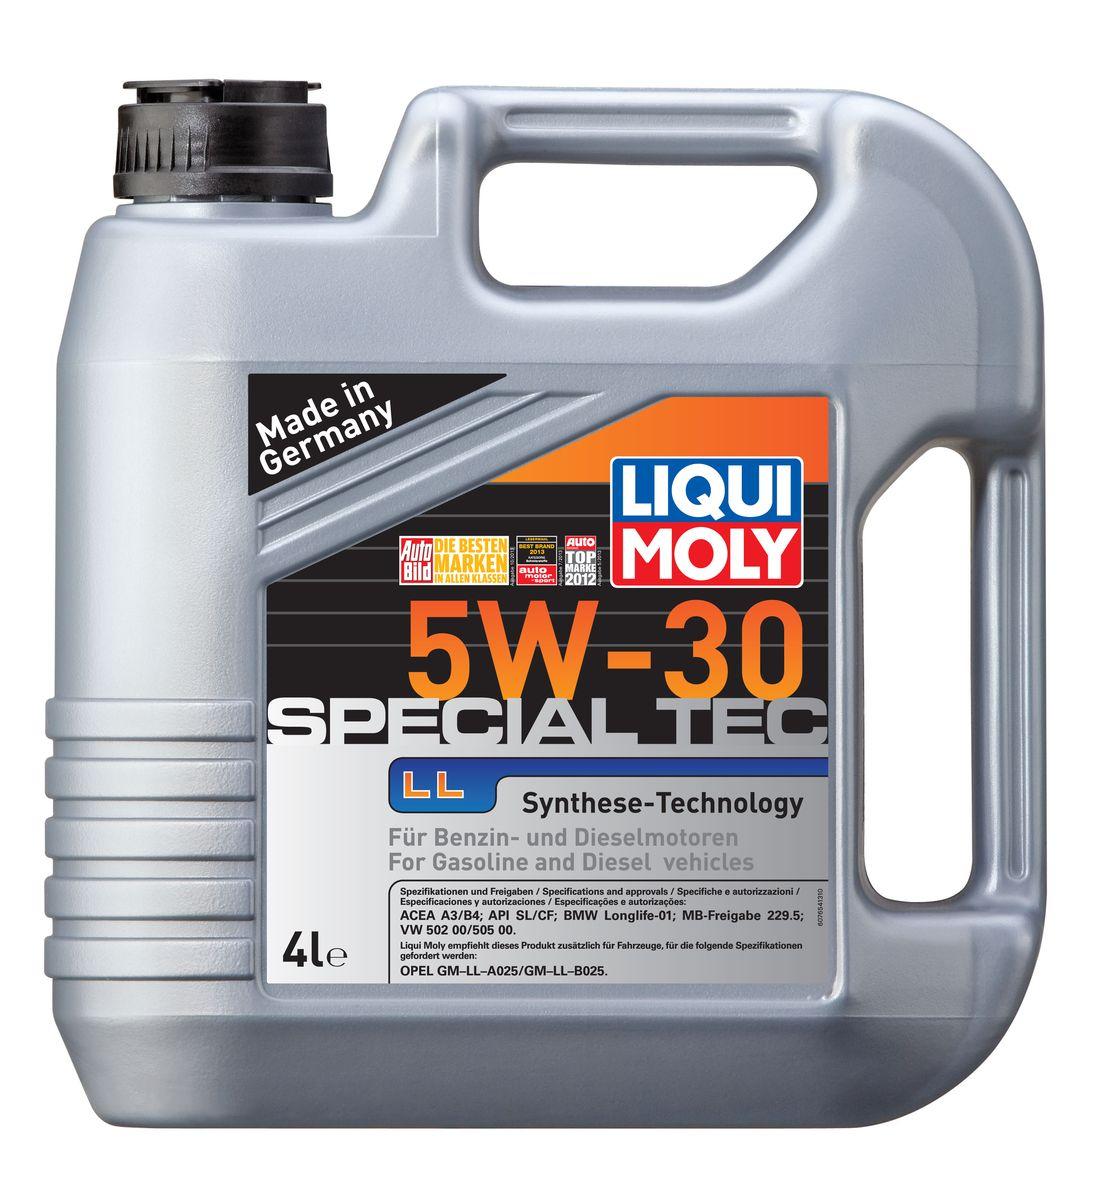 Масло моторное Liqui Moly Special Tec LL, НС-синтетическое, 5W-30, 4 л19545Масло моторное Liqui Moly Special Tec LL рекомендуется для широкого спектра автомобилей с высочайшими требованиями к свойствам моторного масла, таких как Mercedes-Benz, BMW, VW, Opel. HC-синтетическое всесезонное маловязкое моторное масло произведено по новейшим технологическим требованиям. Удовлетворяет условиям LongLife-сервиса. Масло протестировано на турбированных и оснащенных катализаторами моторах. Может использоваться и в двигателях Opel предыдущих поколений, в которых разрешено применение моторных масел данного класса вязкости. Благодаря комбинации НС-синтетических базовых масел и самых современных присадок моторные масла Special Tec LL обеспечивают высочайший уровень защиты от износа, предотвращают образование и накопление отложений в масляной системе и гарантируют стабильное быстрое поступление масла ко всем деталям двигателя. Масло имеет высокий показатель щелочного числа (TBN > 10,5 мг(KOH)/г), что обеспечивает высочайшие моющие свойства. Особенности: - Высочайшие показатели чистоты двигателя- Быстрое поступление масла к деталям двигателя при низких температурах- Очень высокая защита от износа и надежность смазывания- Очень низкие потери масла на испарение- Экономия топлива и снижение вредных выбросов- Проверено на турбированных двигателях и катализатореДопуск: -API: CF/SL-ACEA: A3/B4-BMW: Longlife-01-MB: 229.5-VW: 502 00/505 00Соответствие: -Opel: GM-LL-A025/GM-LL-B025